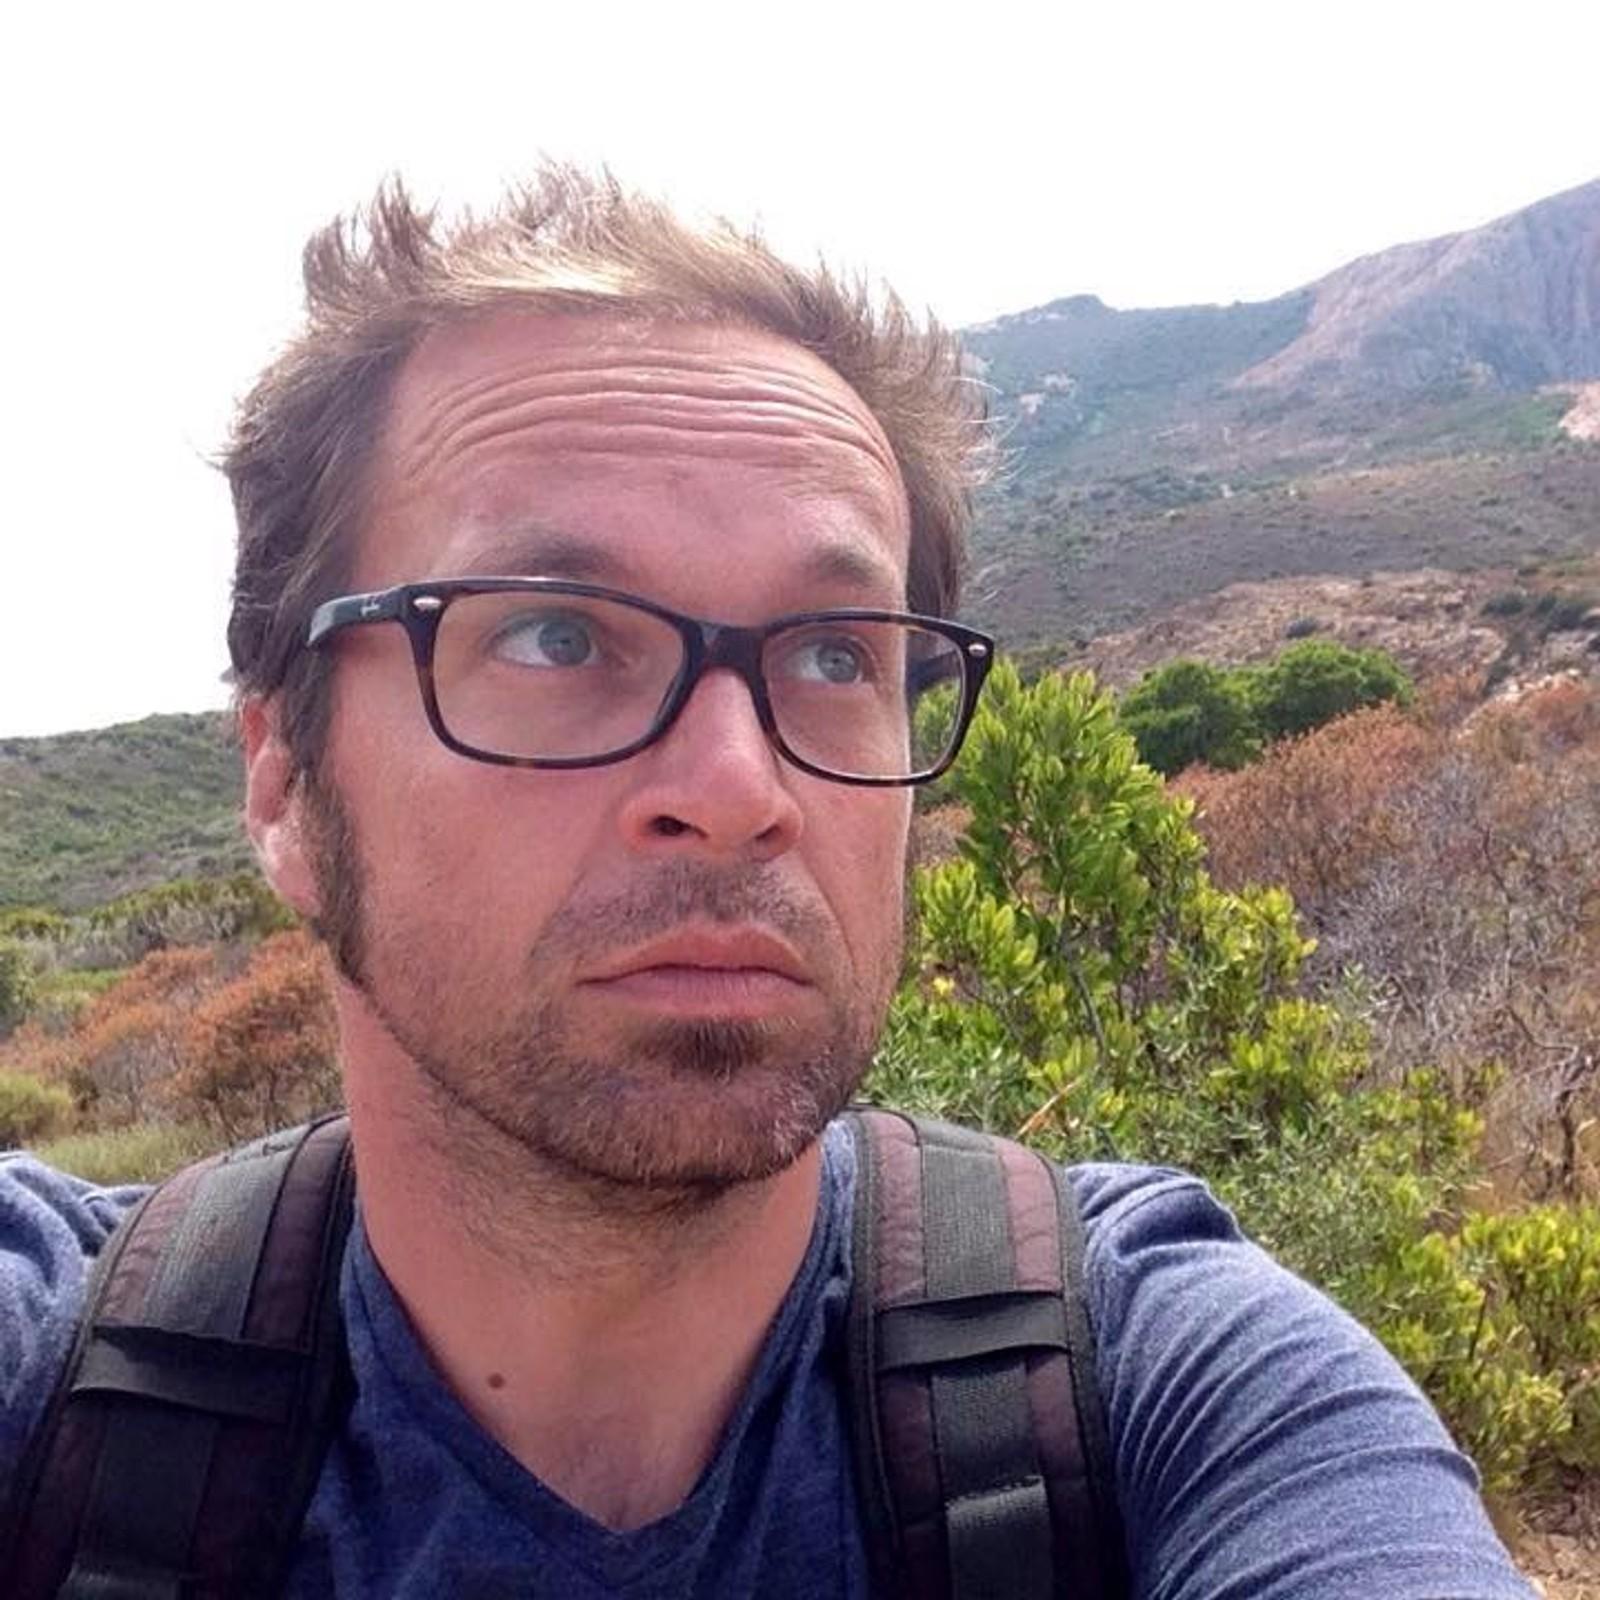 DREPT: Franske Mathieu Hoche (38) var kameramann og far til en sønn på 6 år. Han var blant de 89 drapsofrene på Bataclan konserthus.